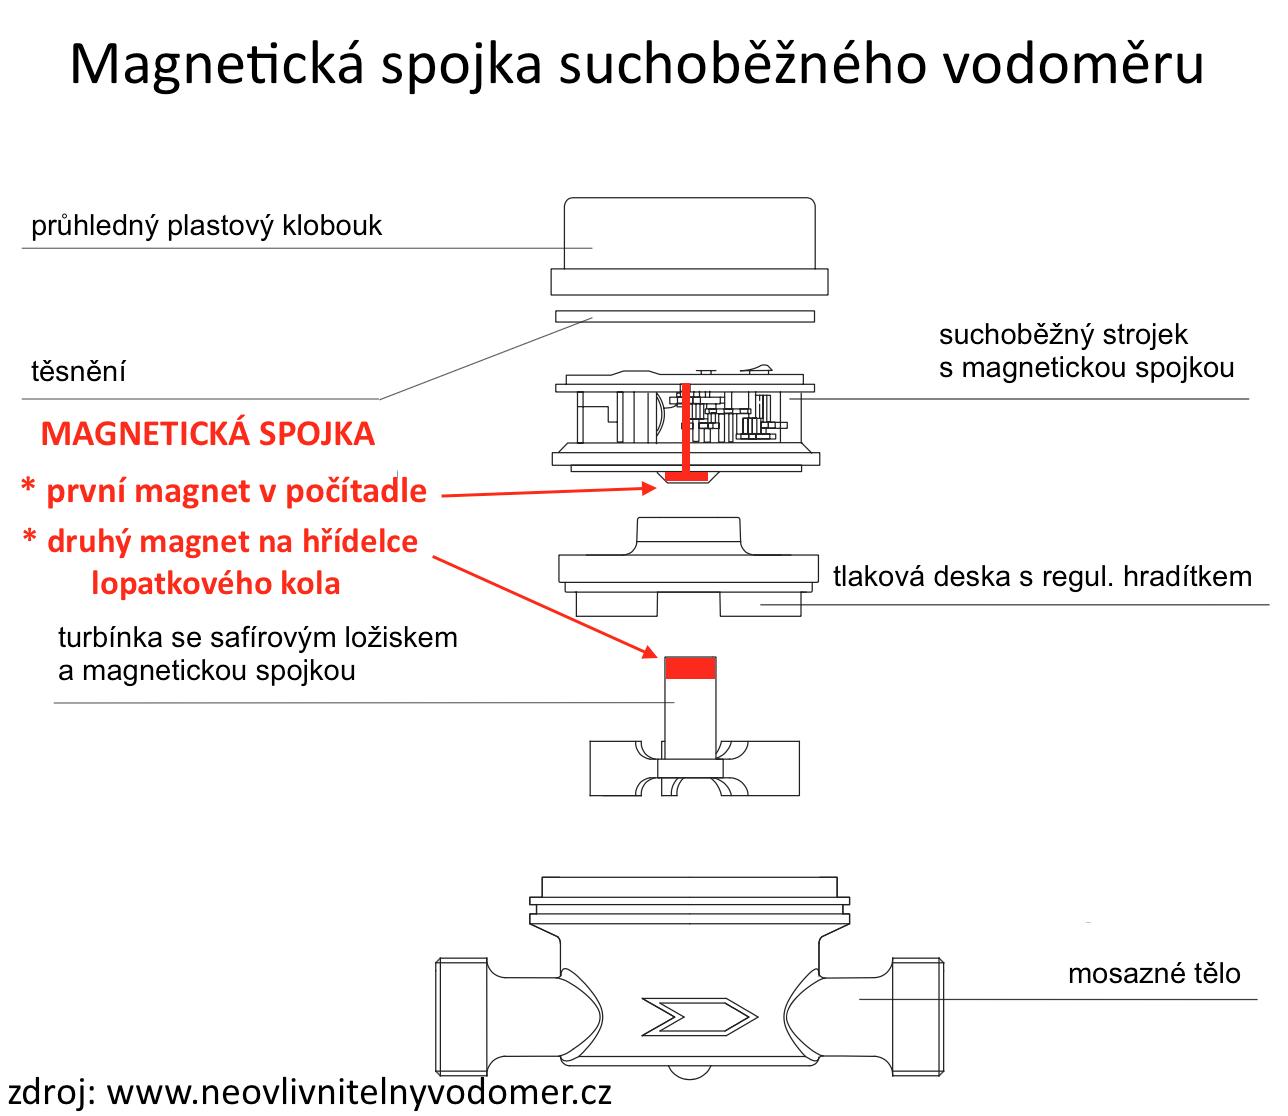 magnetická spojka u vodoměrů